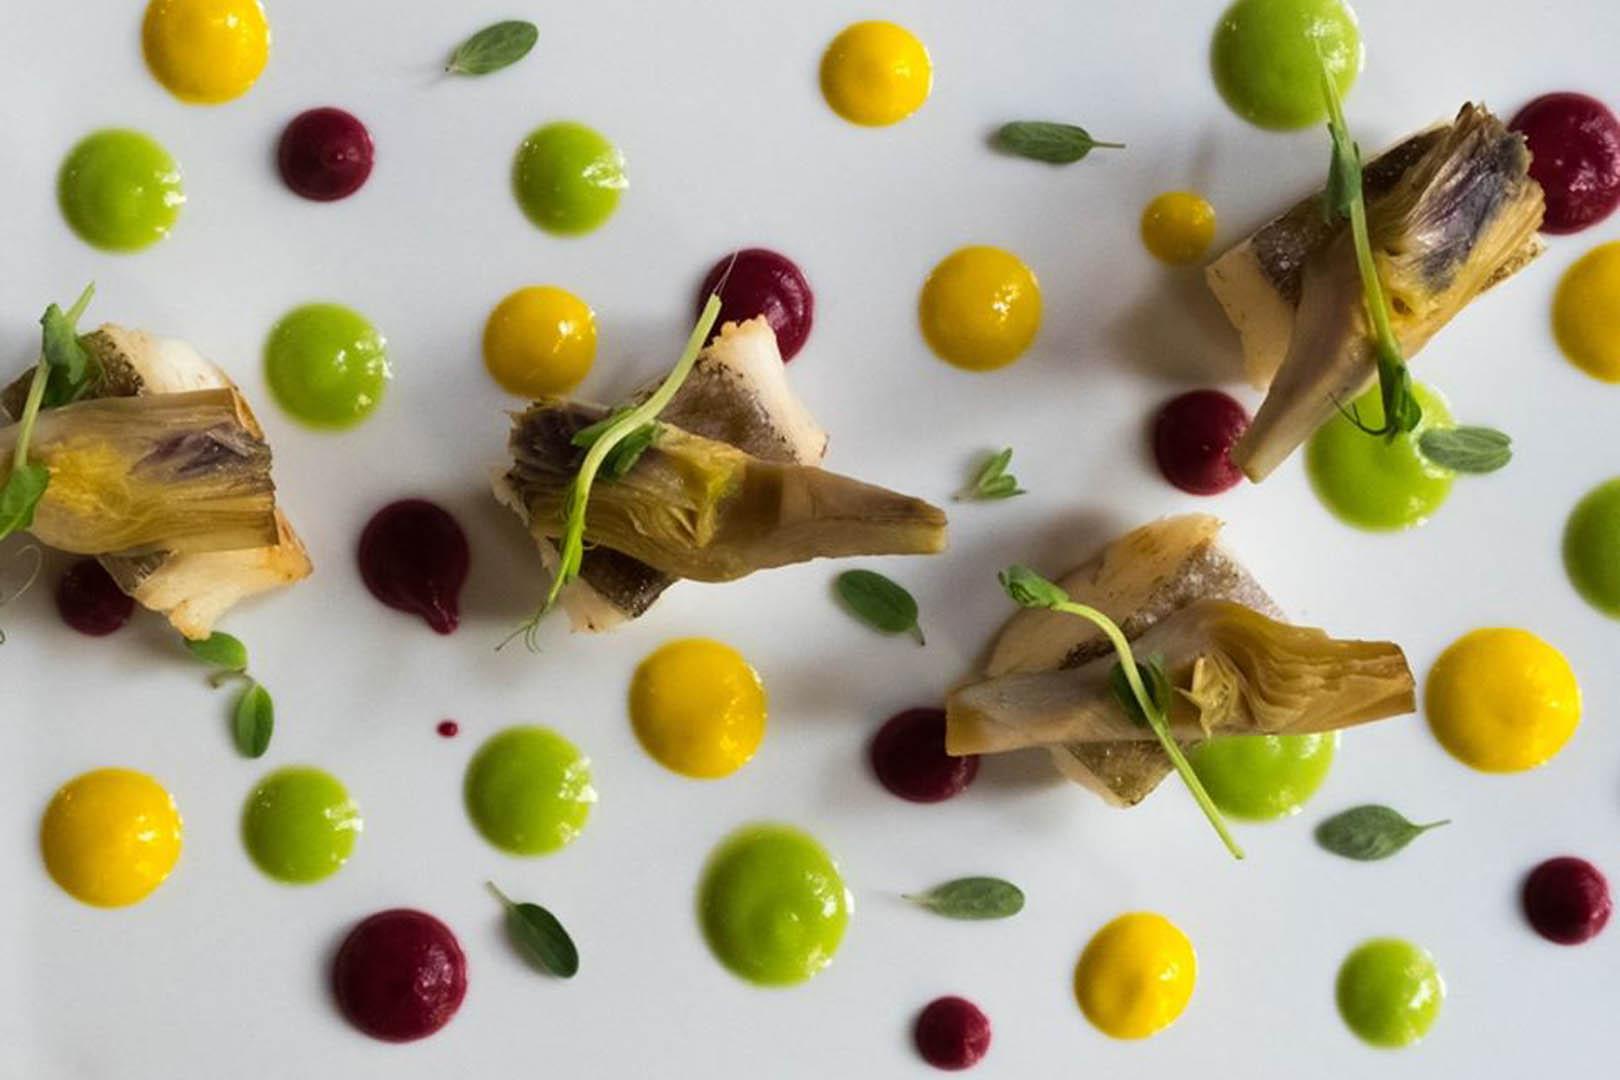 I Migliori Ristoranti di Pesce di Bologna